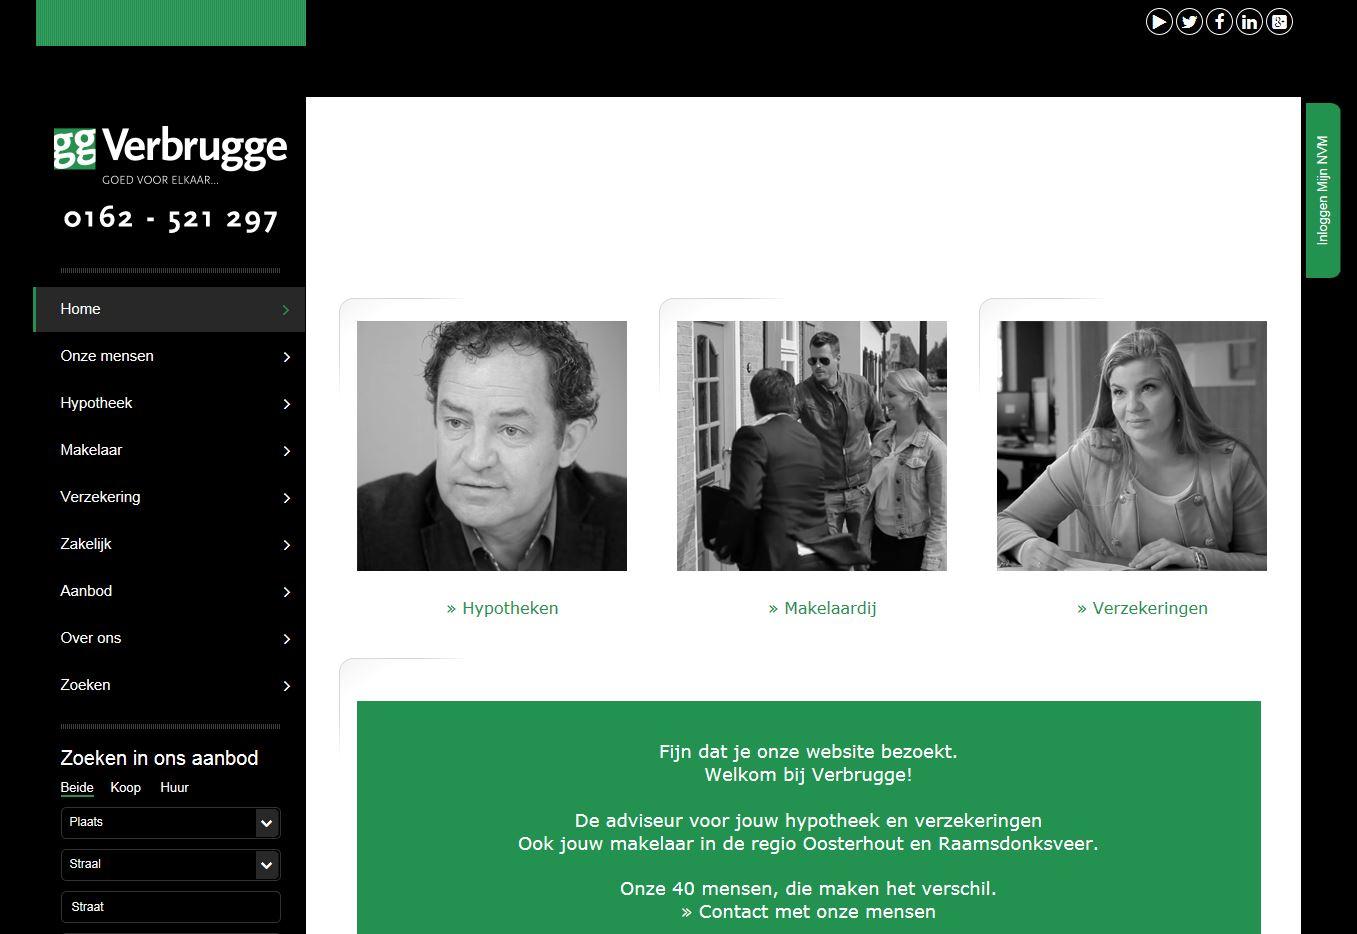 Nieuwe website verbrugge